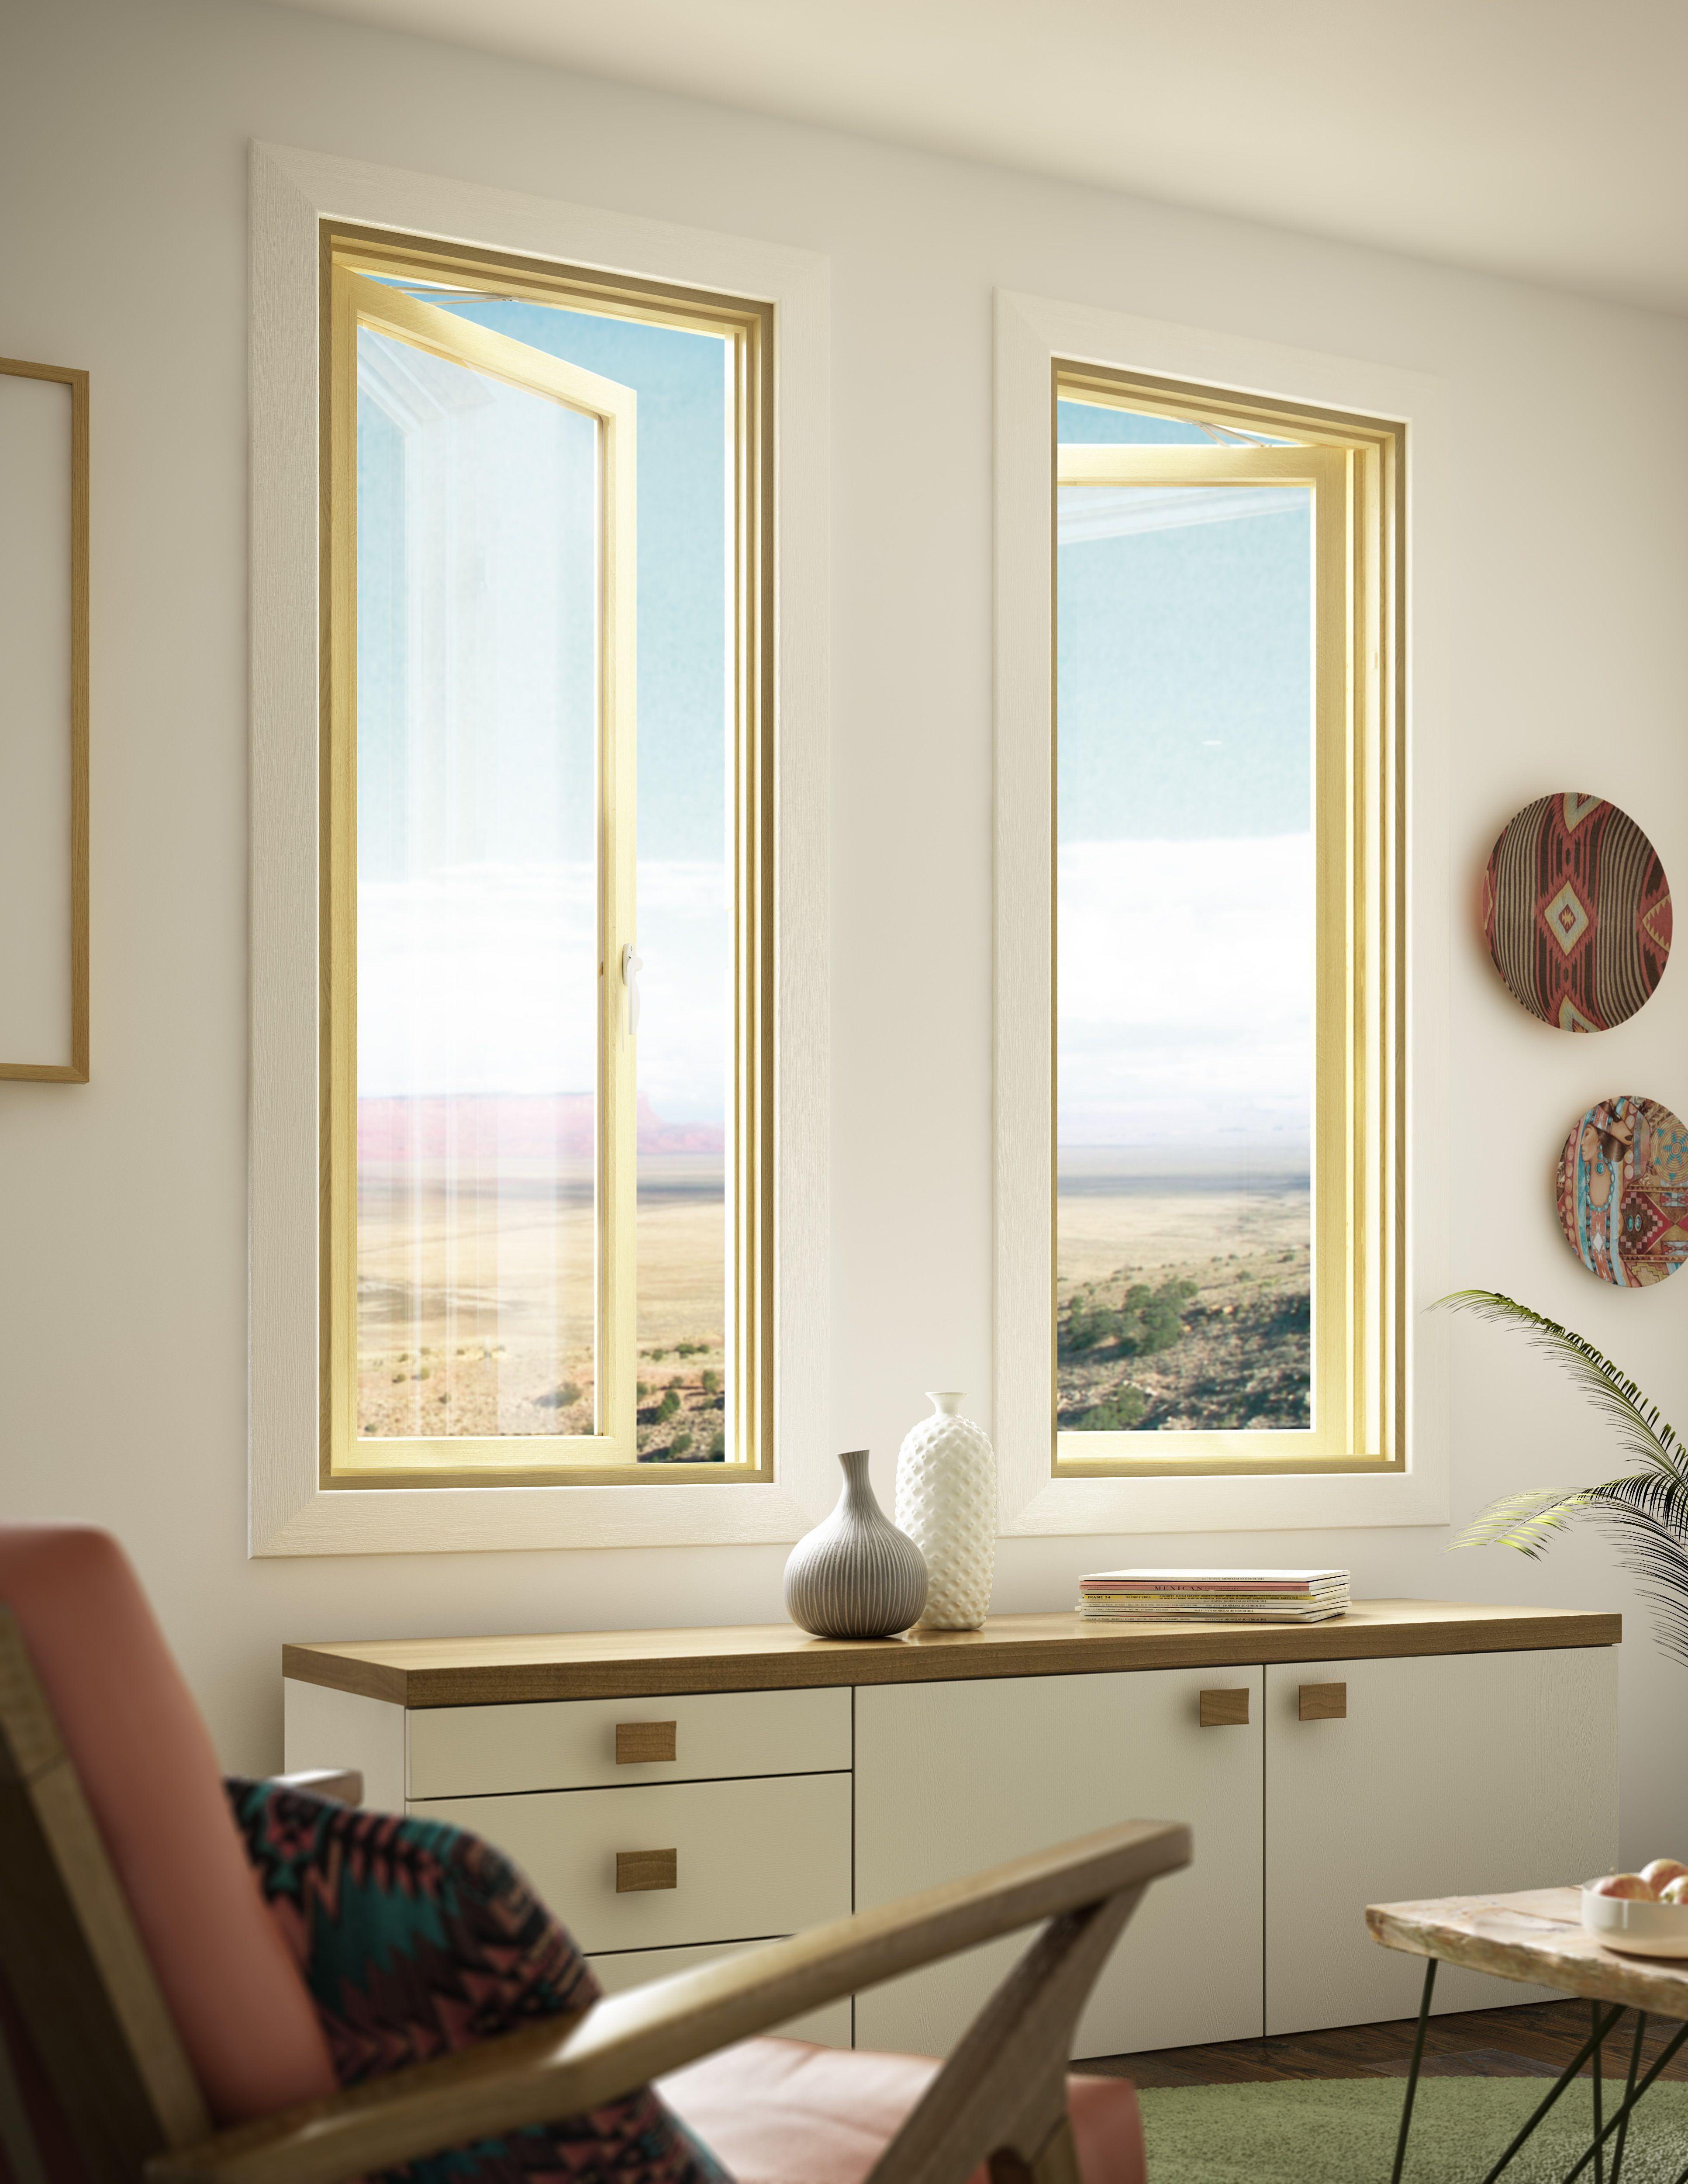 Jeld Wen Siteline Push Out Casement Window Room By Room